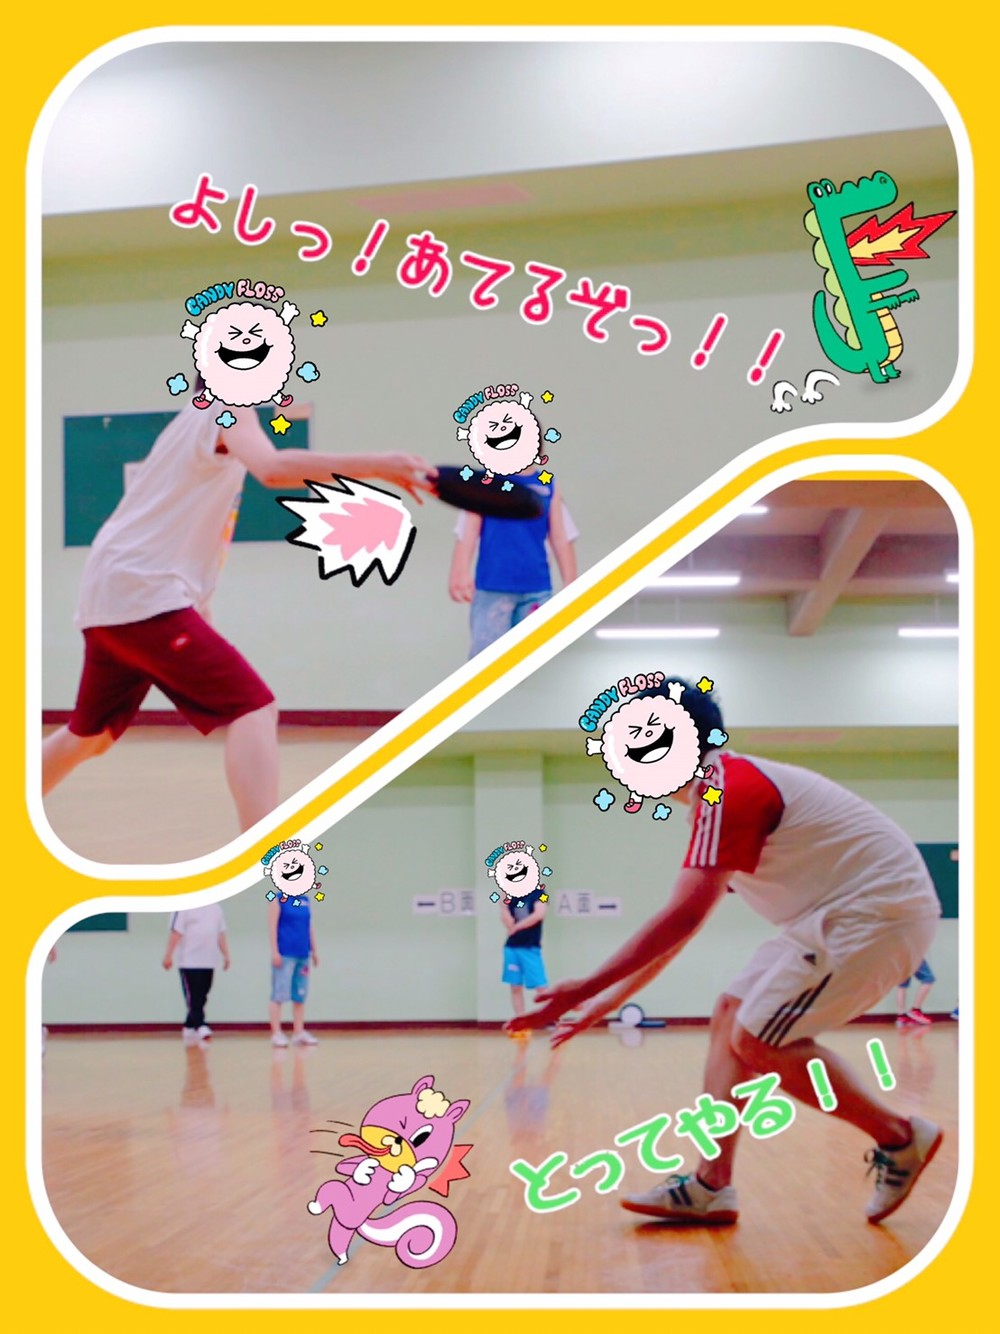 【未経験大歓迎】ドッヂビー!!!…第37回